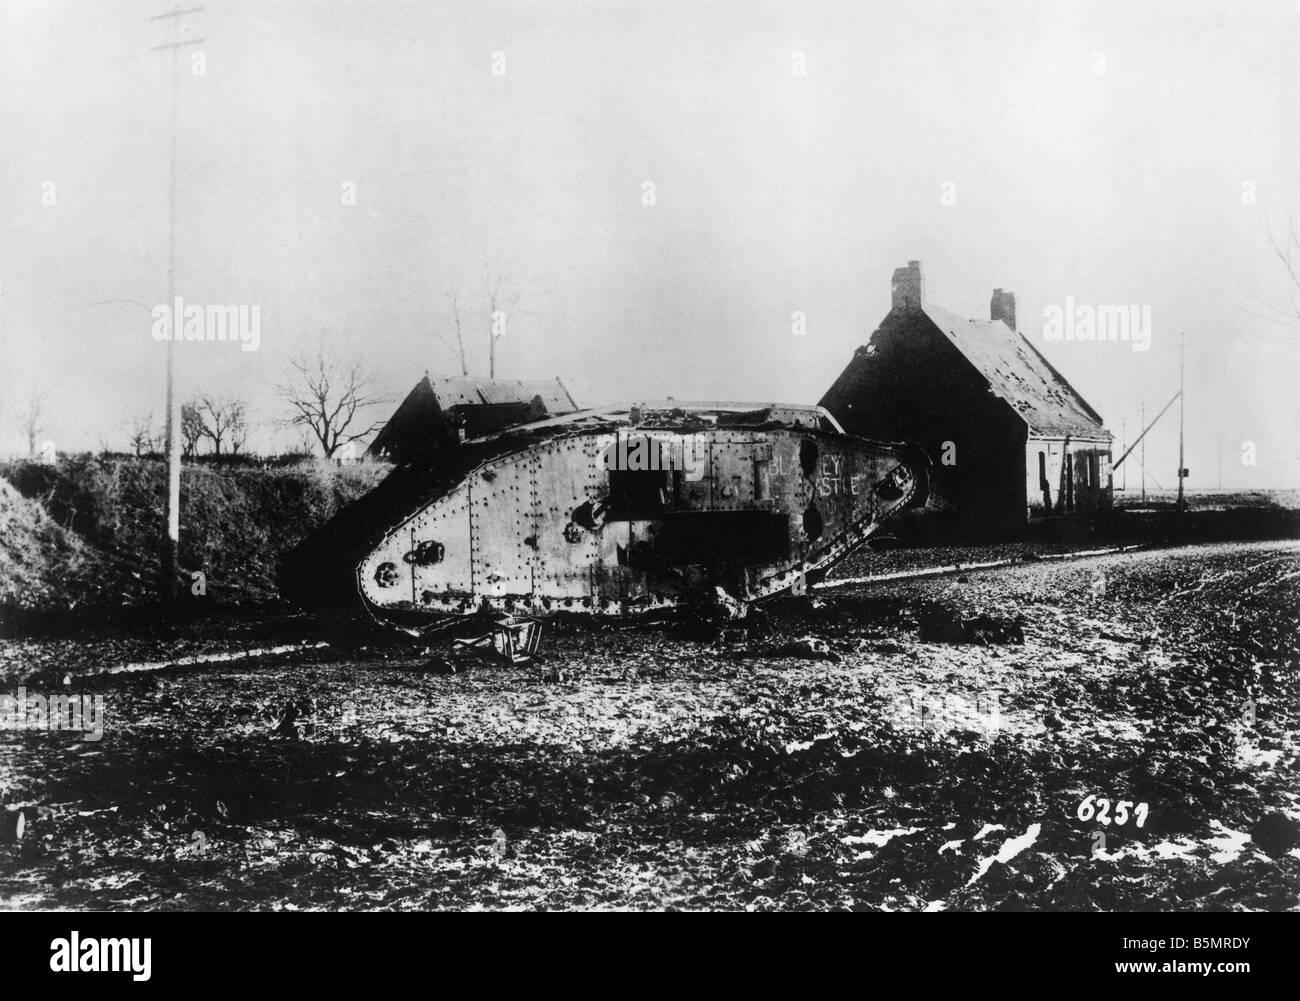 9-1917-11-20 A2 15 E zerstört englischen tank Nov 1917 Erster Weltkrieg 1914-18 1 Western Front Panzerschlacht Stockbild